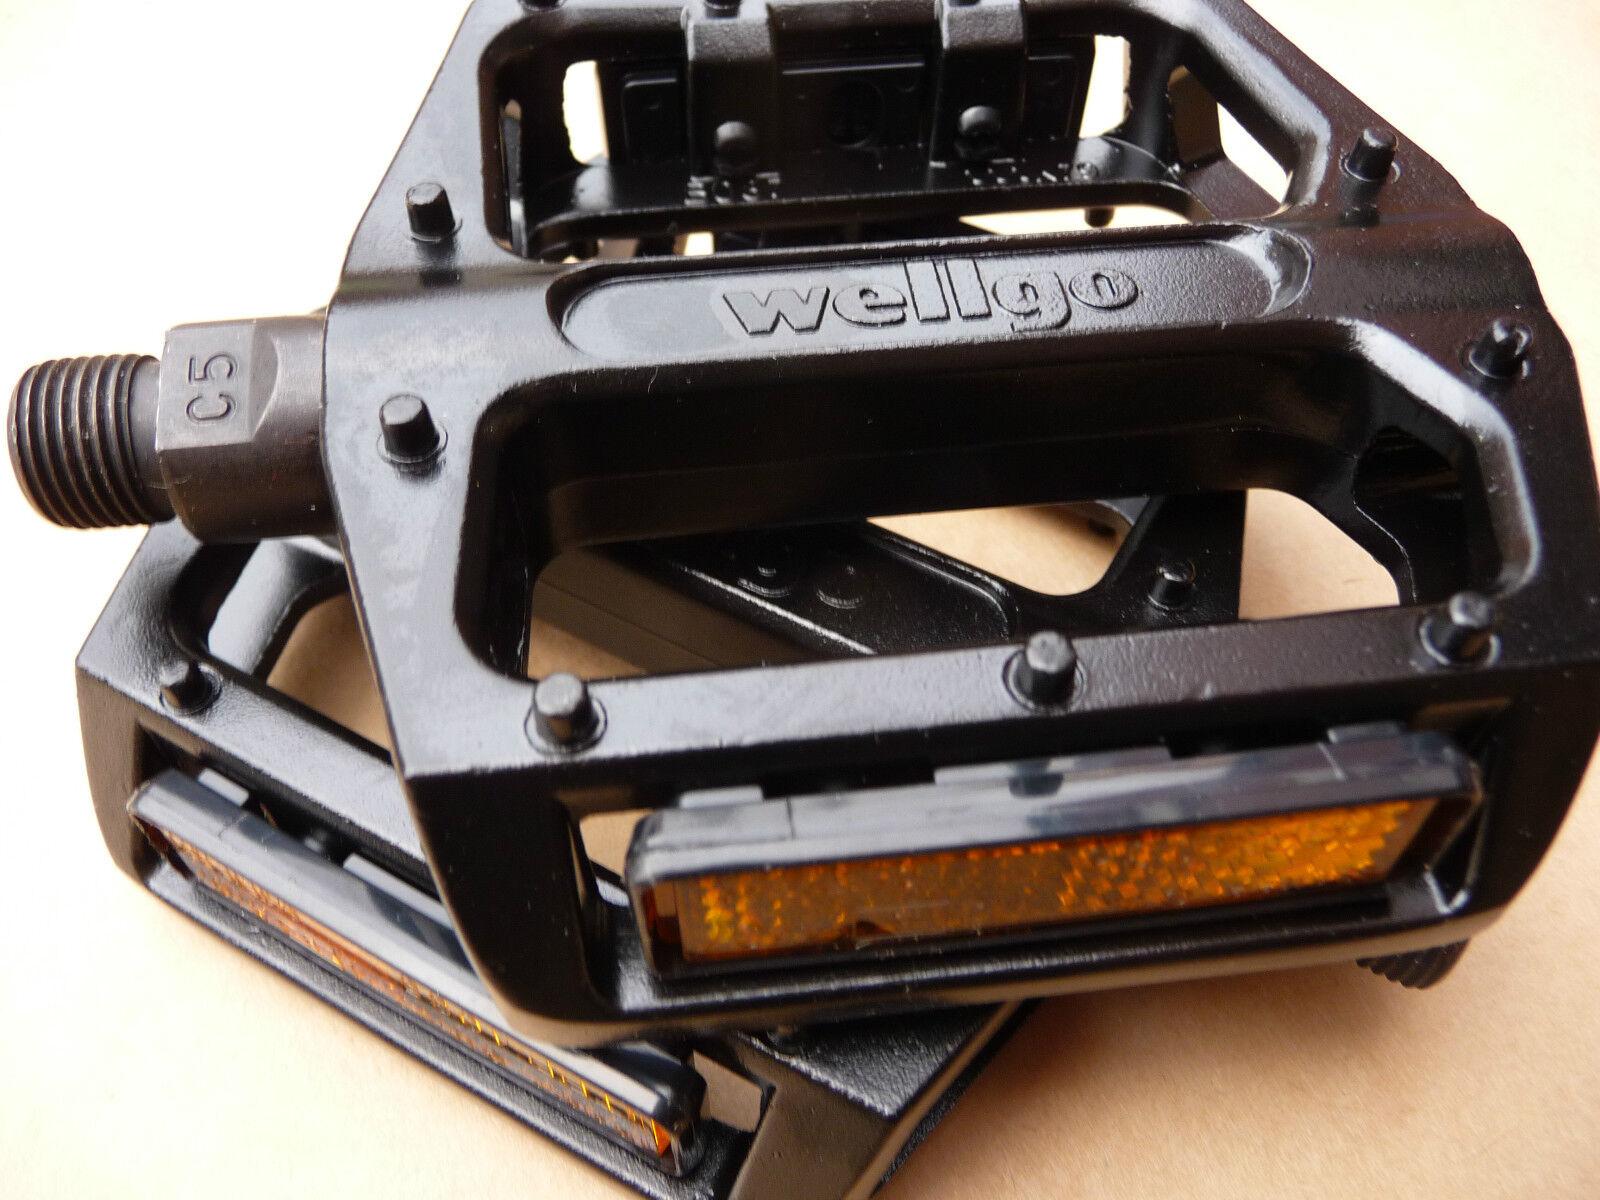 Wellgo alliage pédales VTT BMX DX type bore